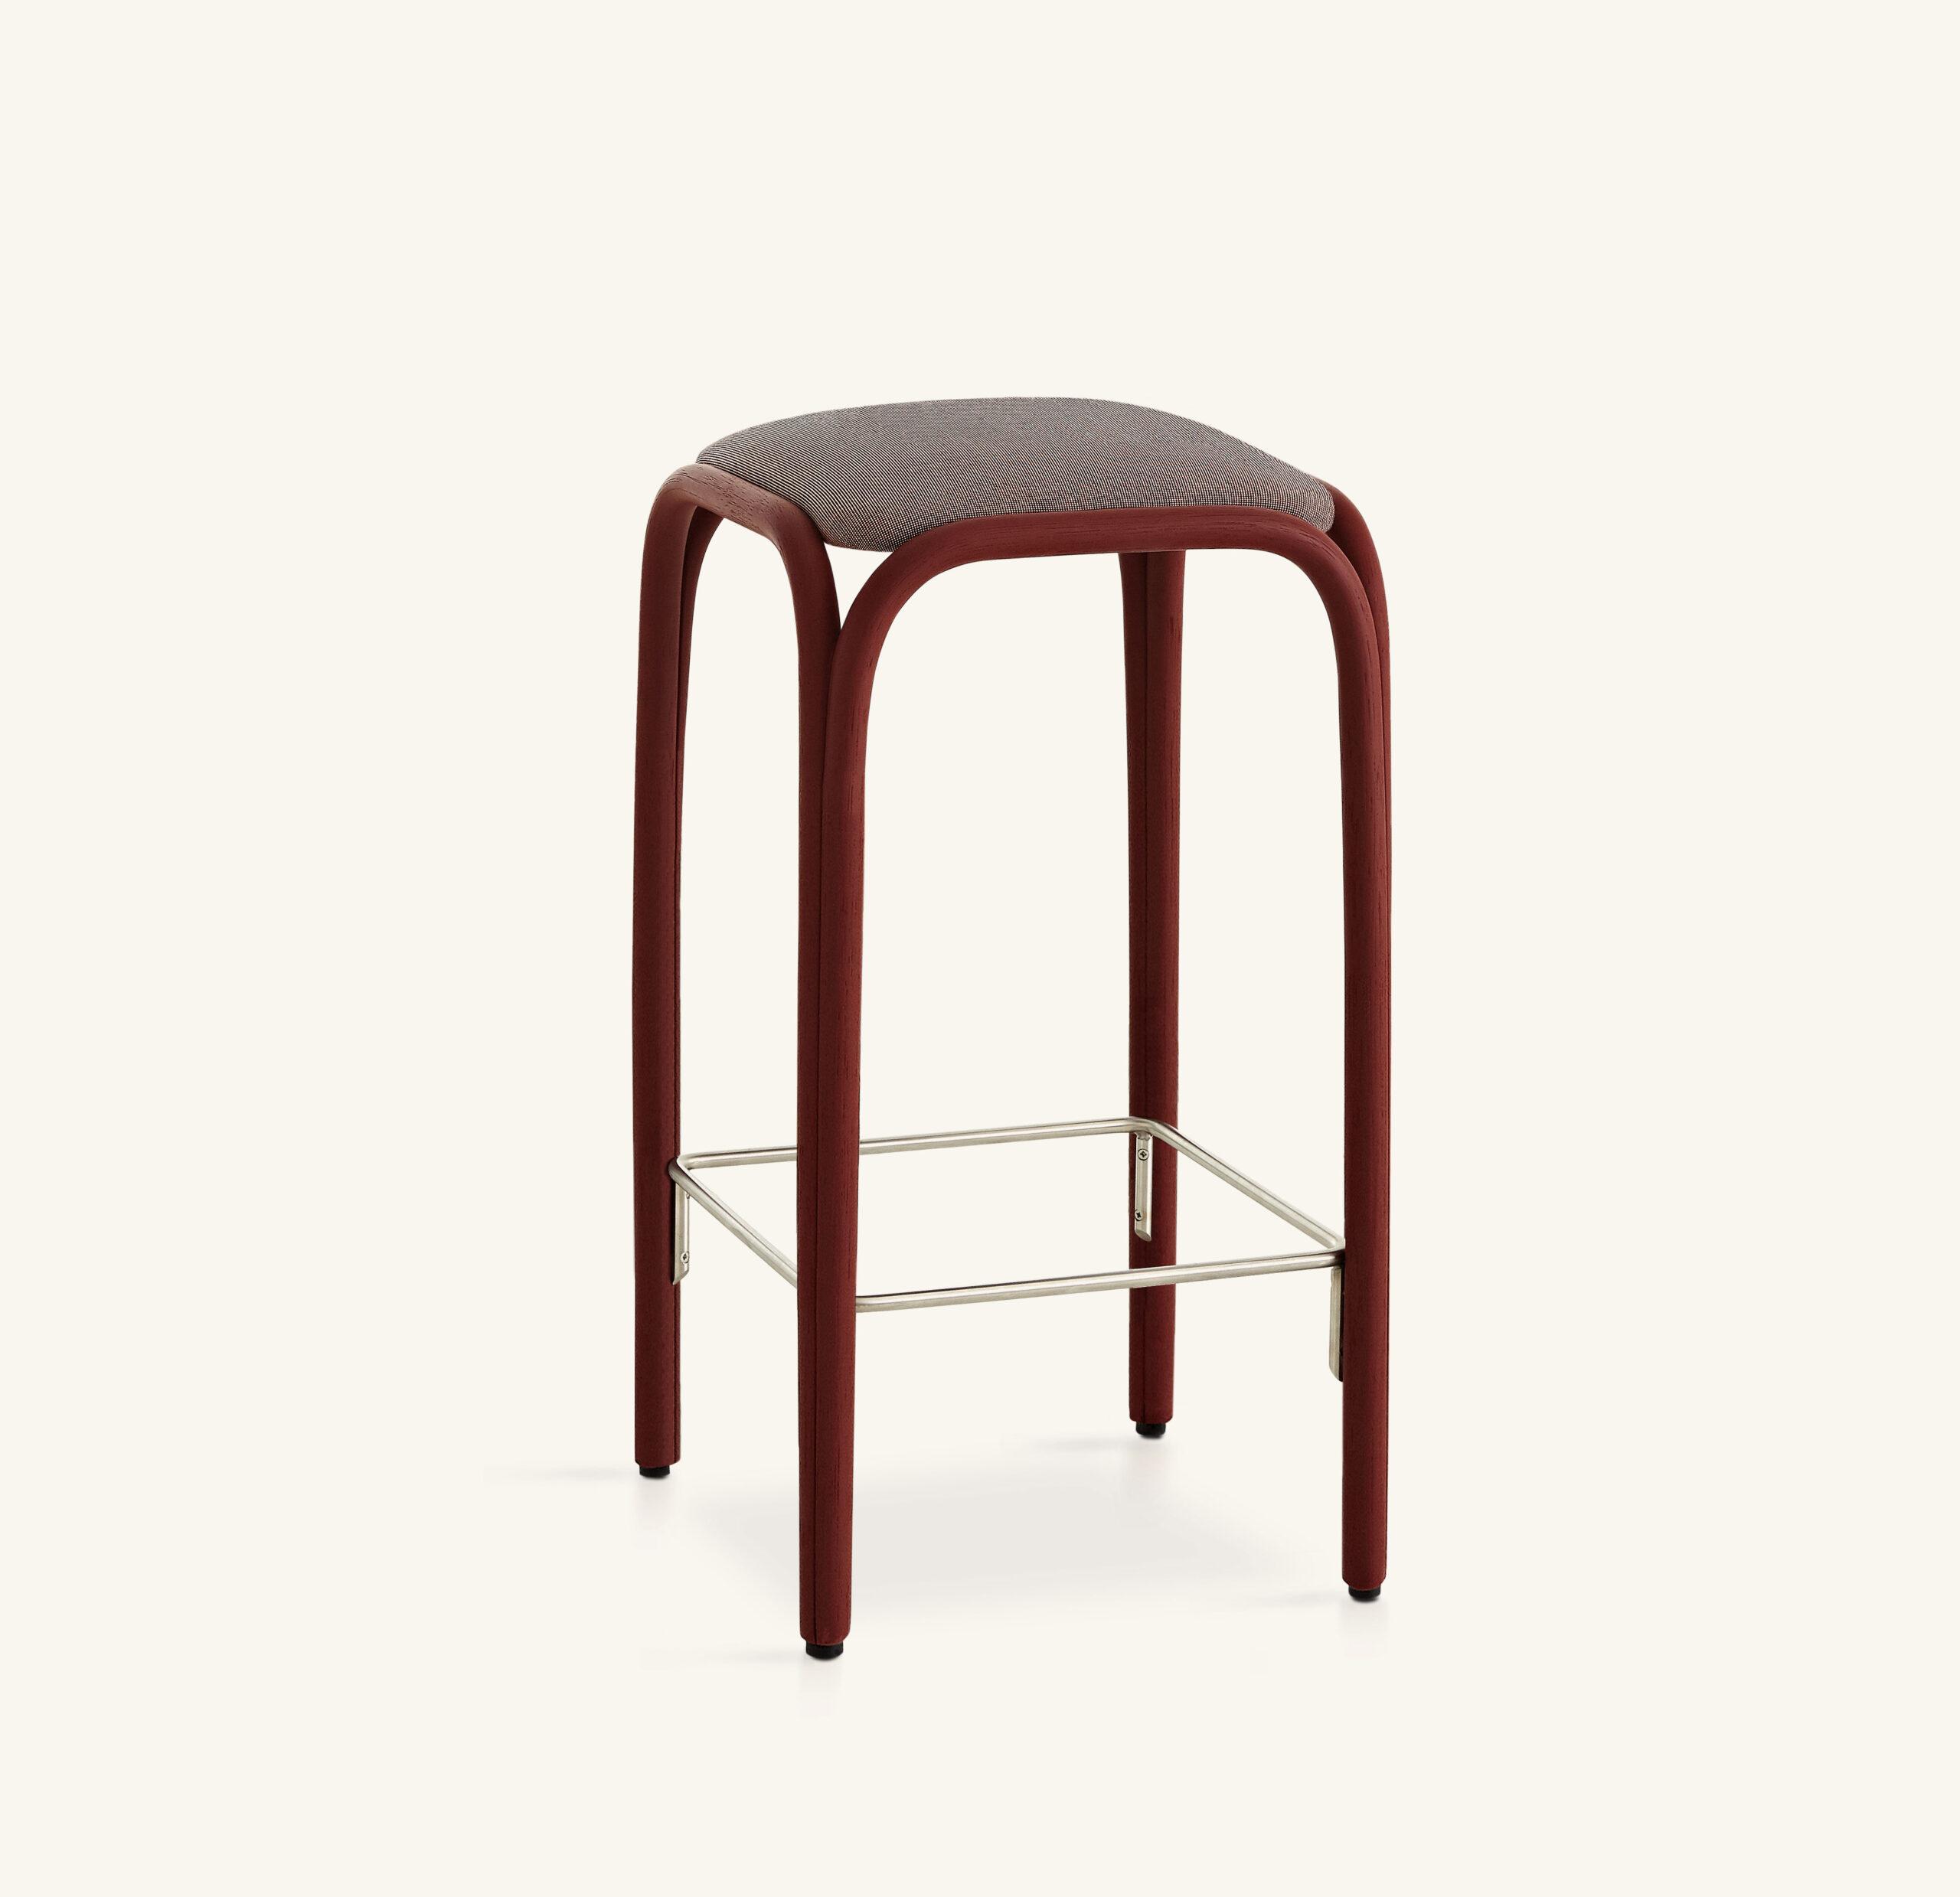 Fontal upholstered high barstool